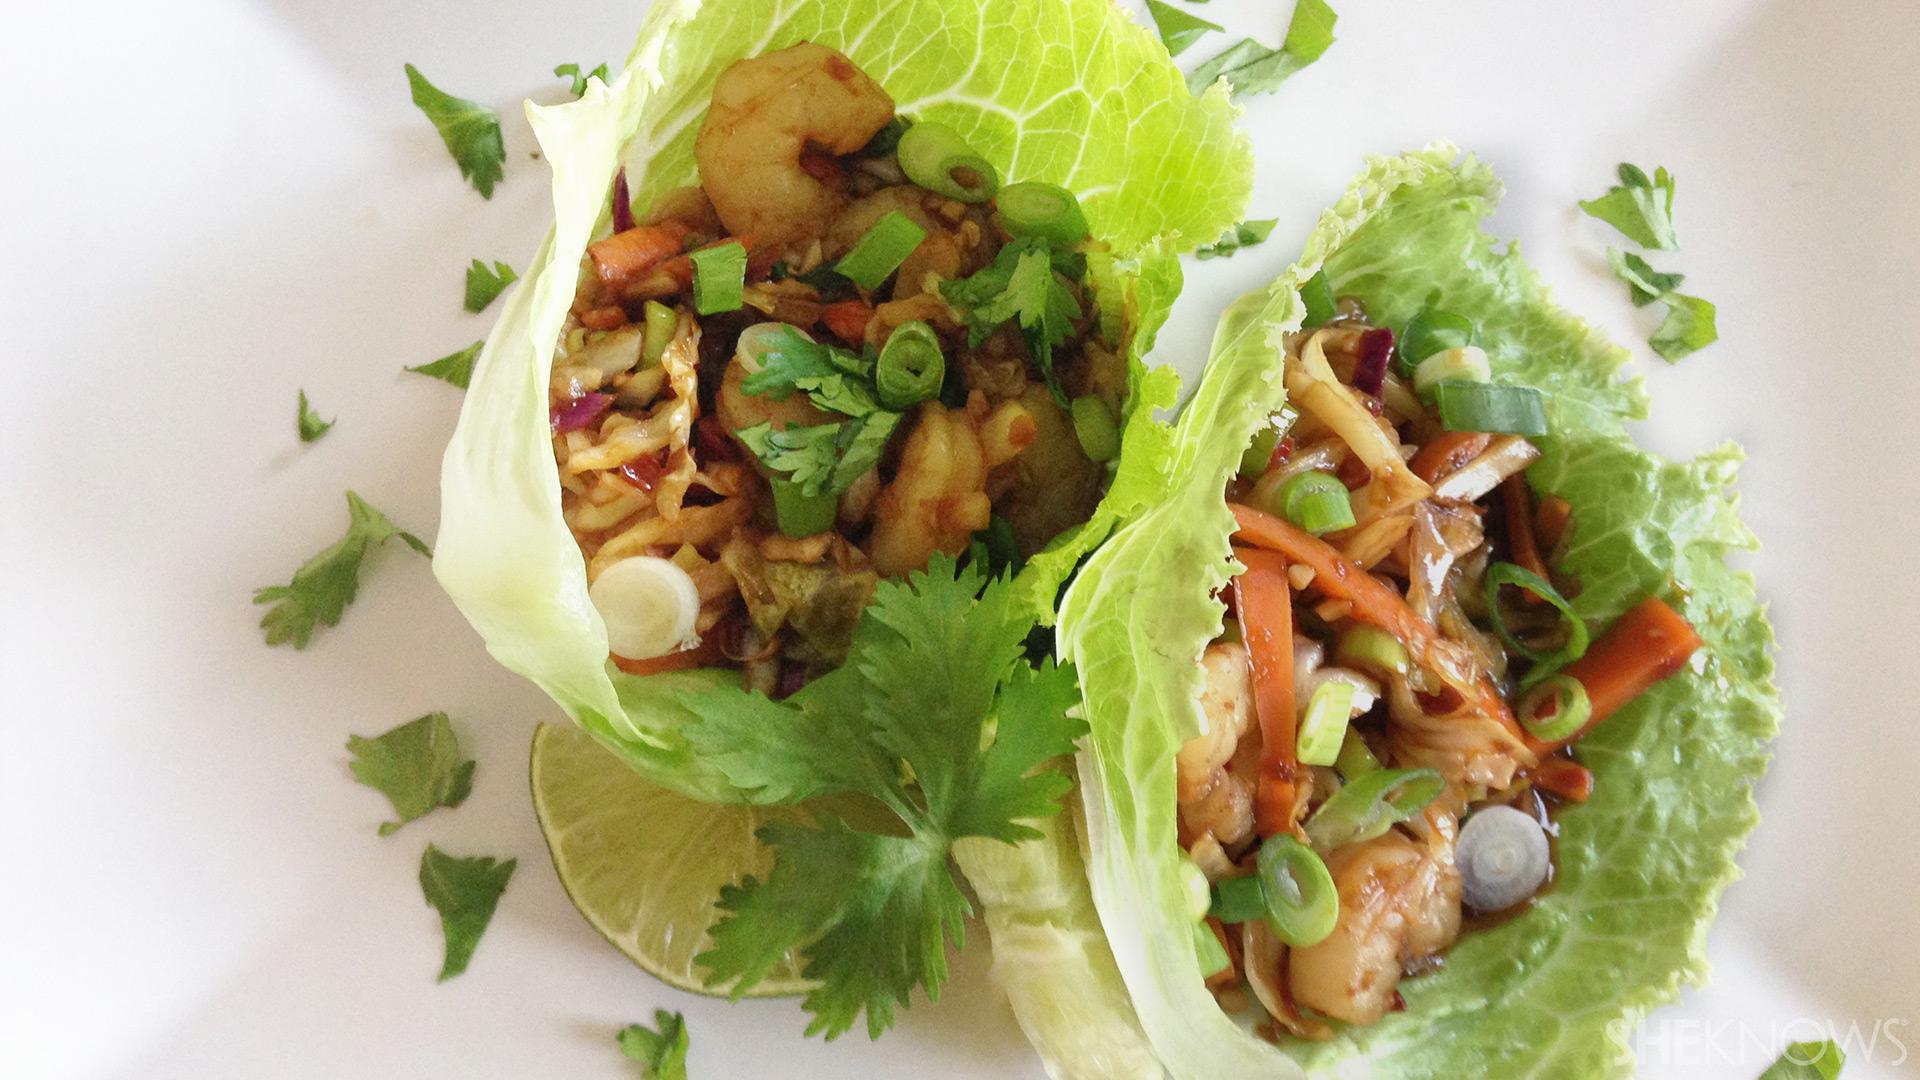 Spicy shrimp lettuce wraps | Sheknows.ca